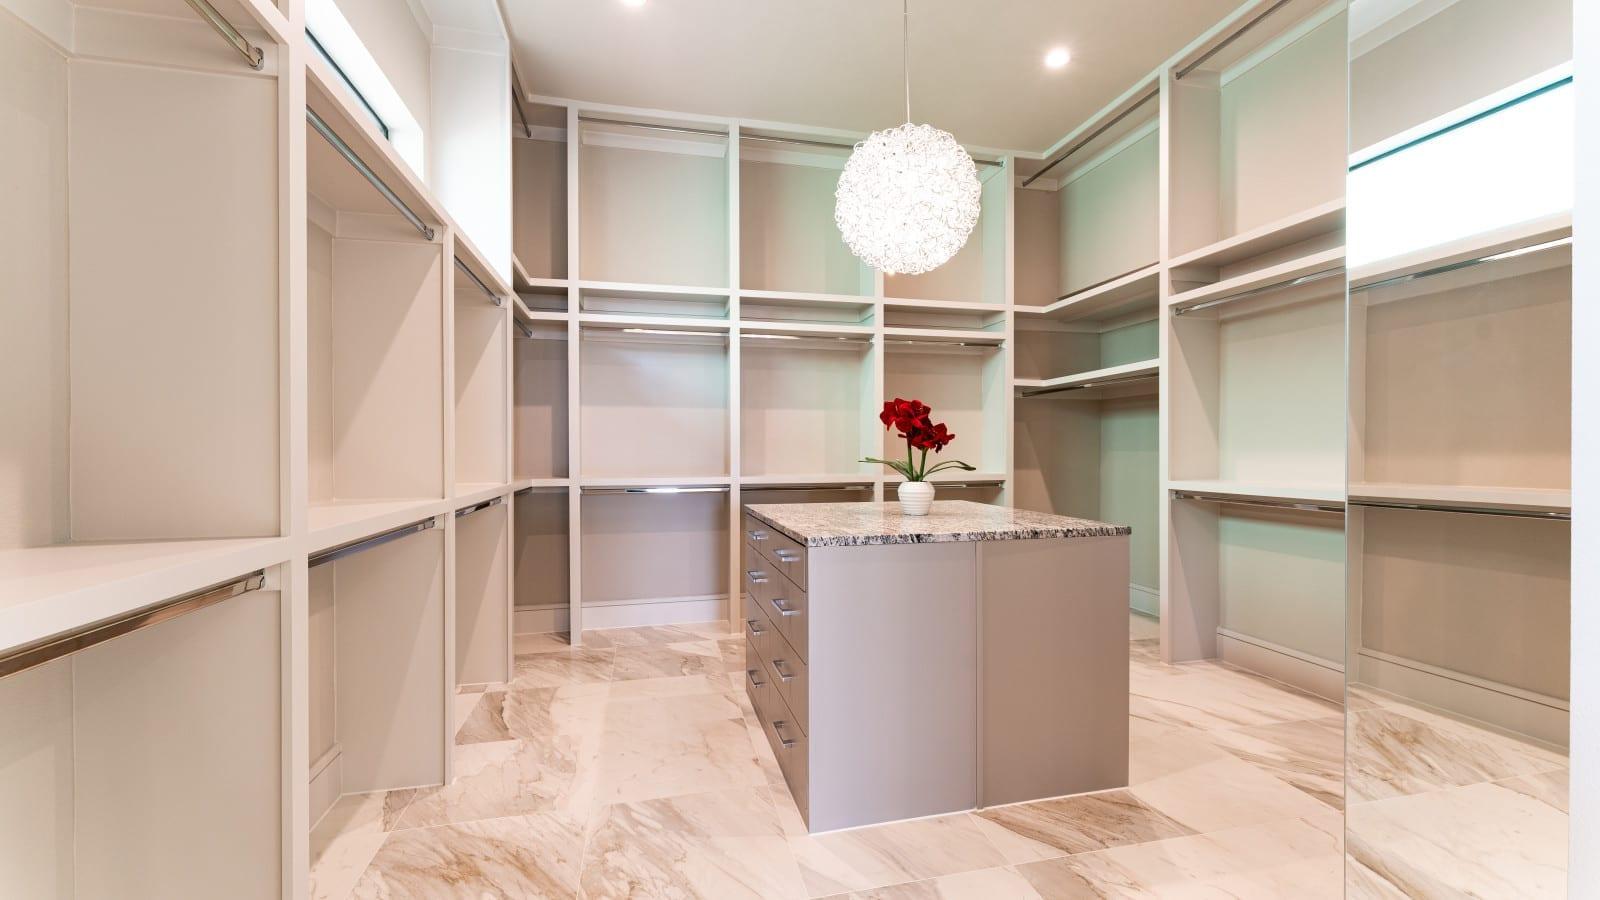 modern home design 22 - Millennial Design + Build